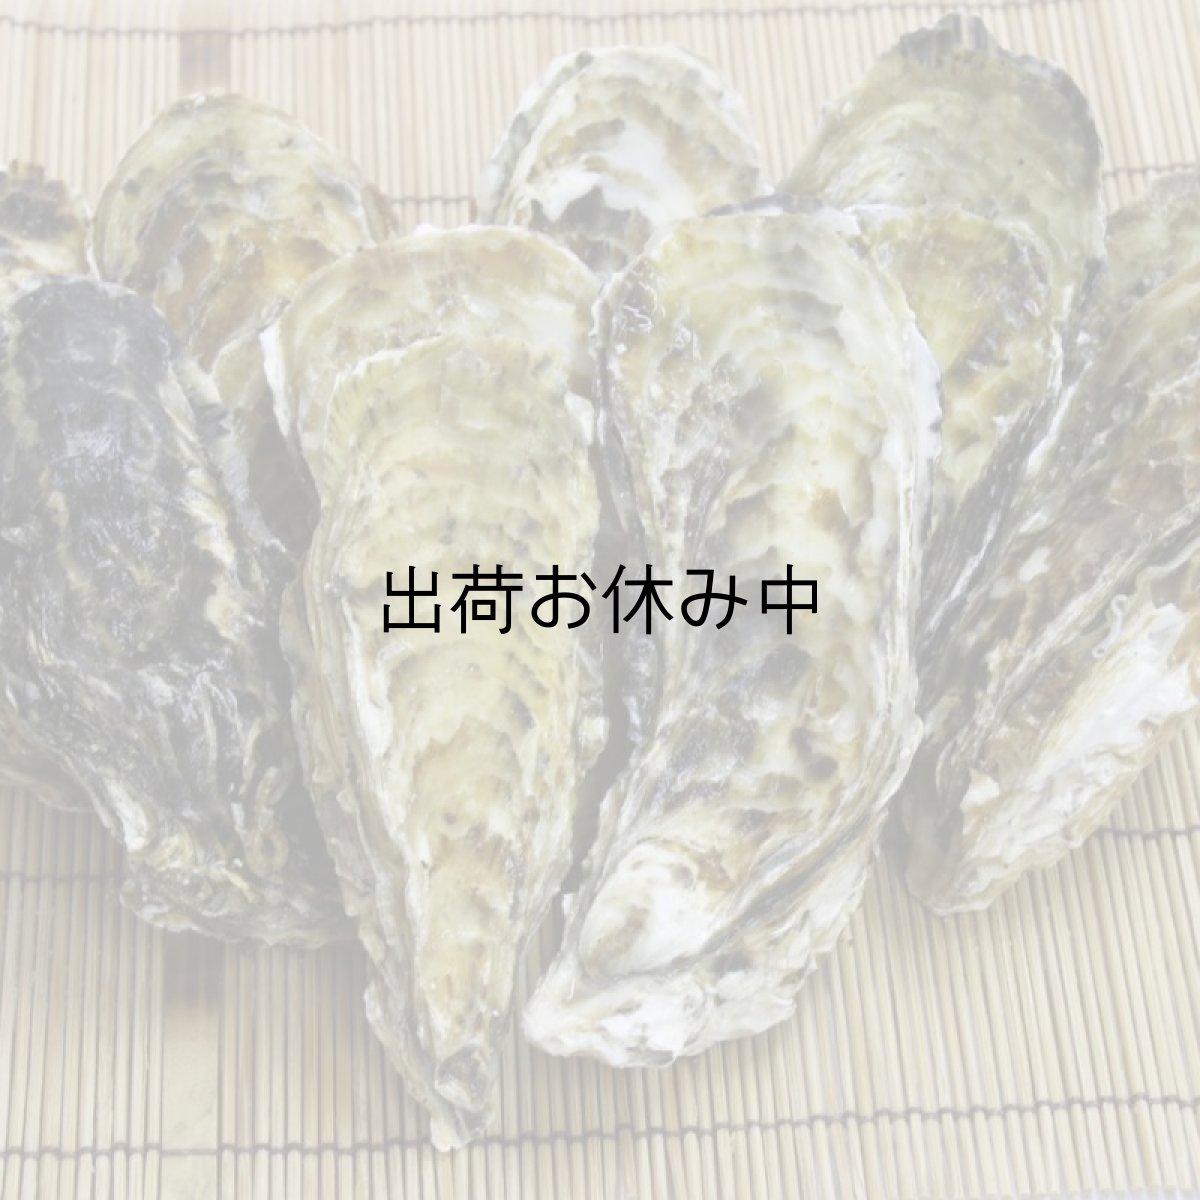 画像1: 三重答志島桃取産 桃こまちカンカン焼きセット (1)